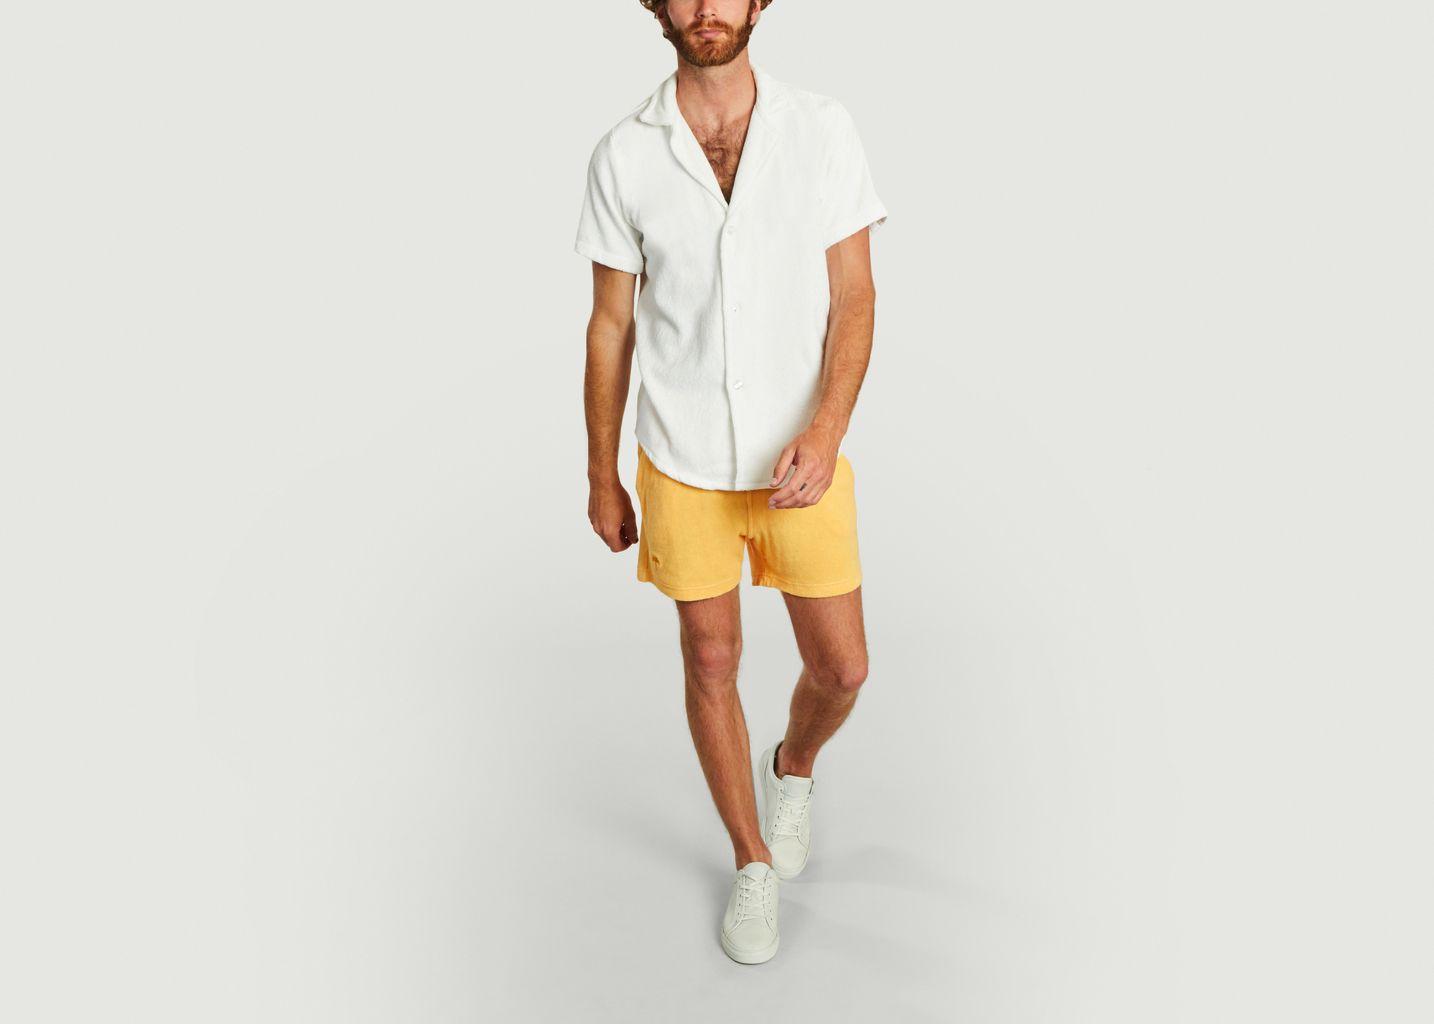 Shorts Peach Terry  - OAS company